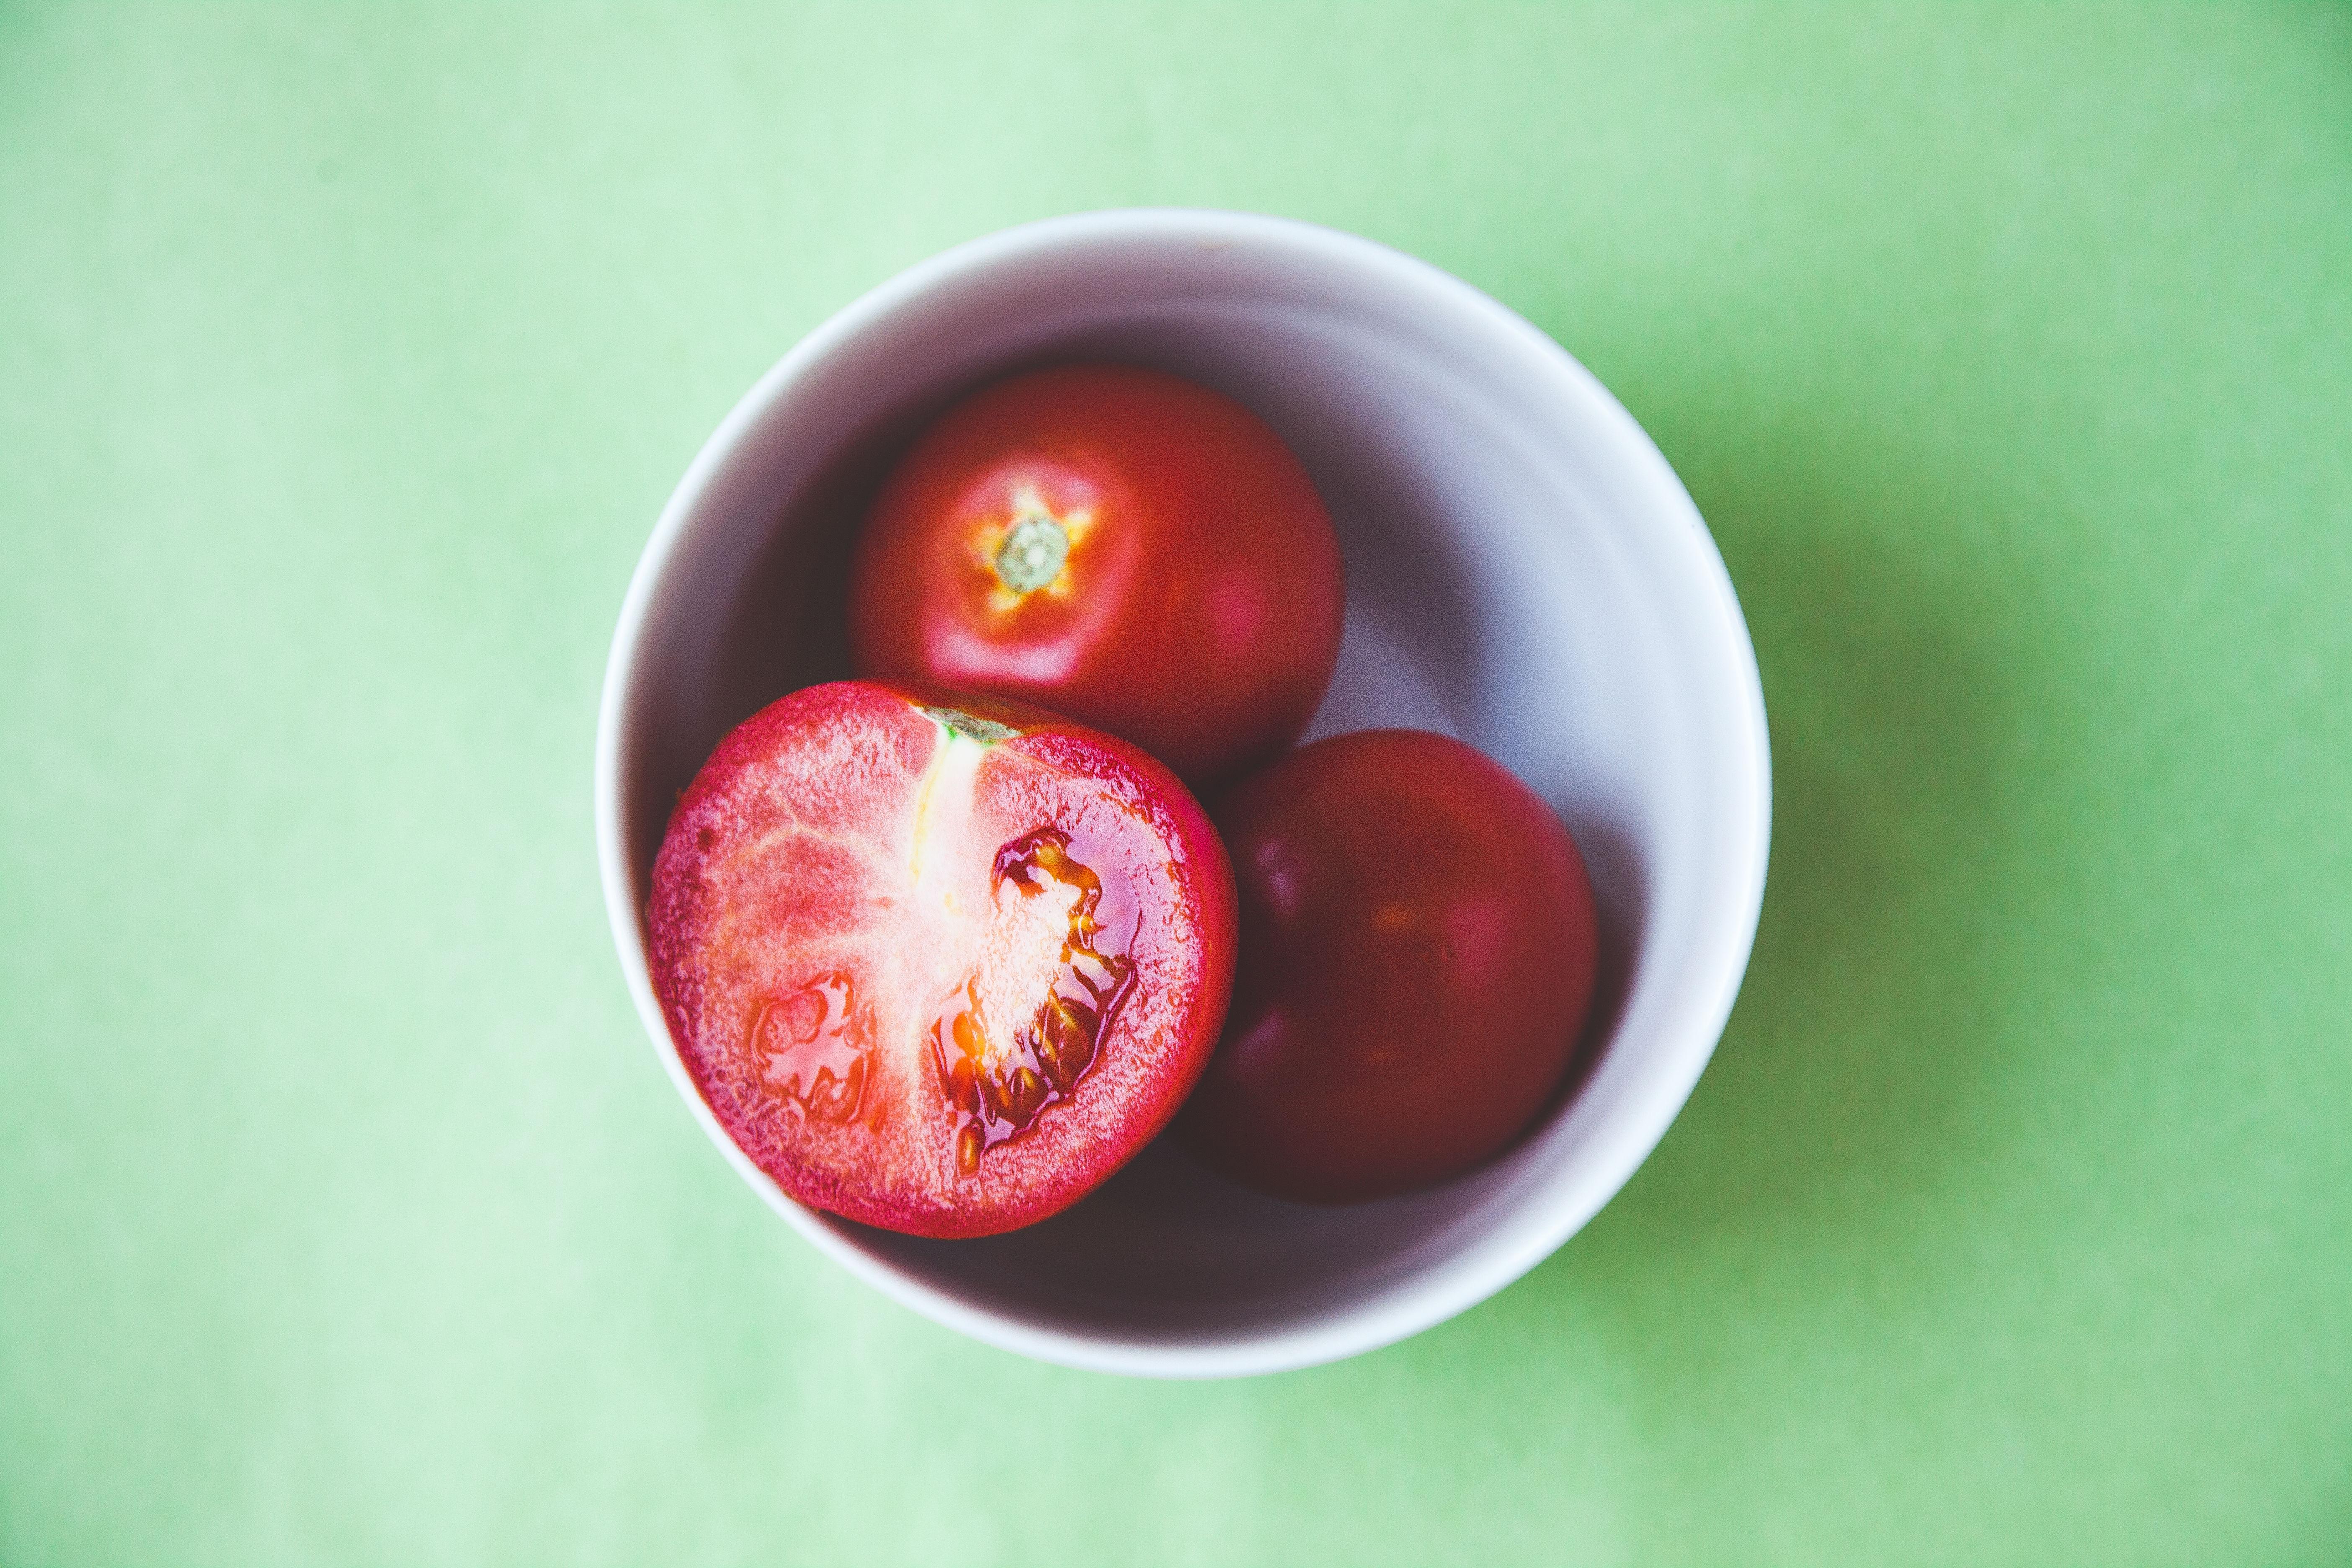 Tomater inneholder lykpoen som kan beskytte og reparere solbrent hud.